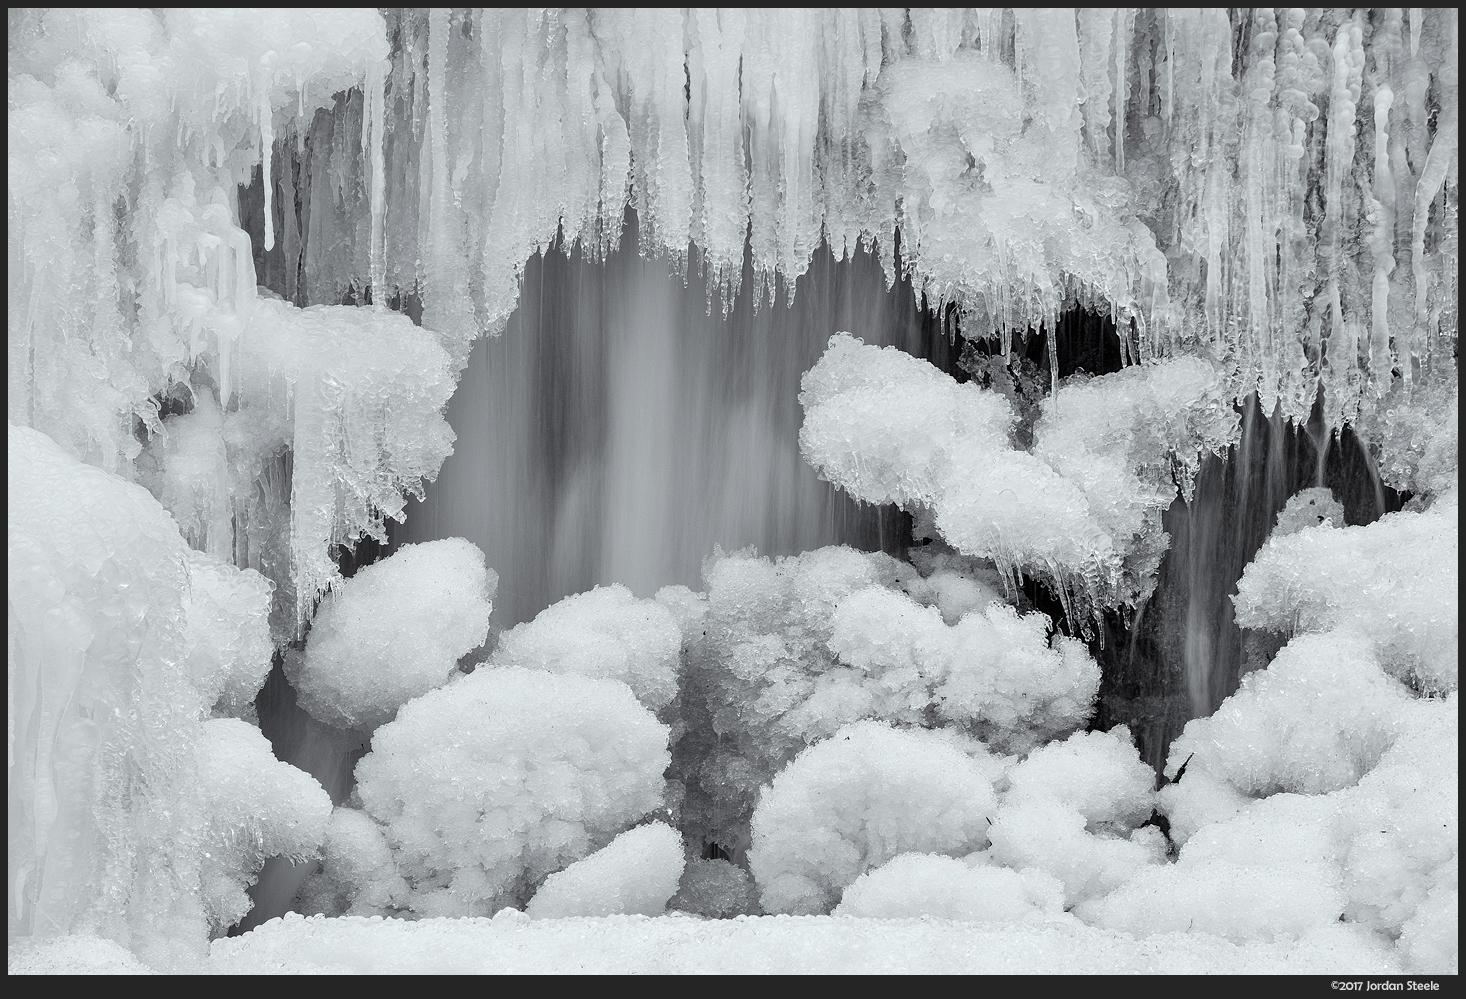 Icy Falls - Fujifilm X-T2 with Fujinon XF 55-200mm f/3.5-4.8 @